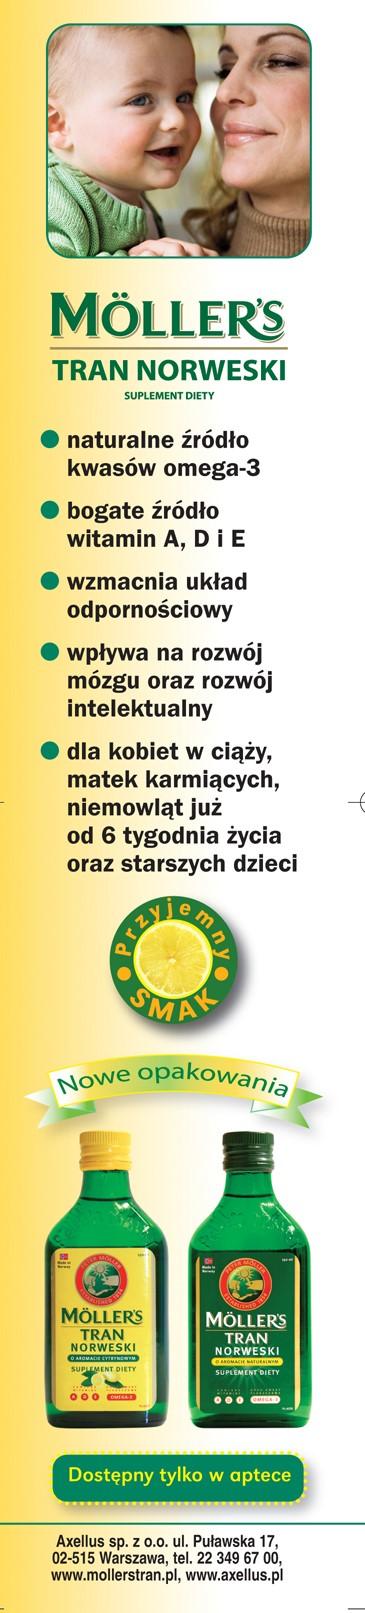 Μια από τις τελευταίες διαφημίσεις Möller's